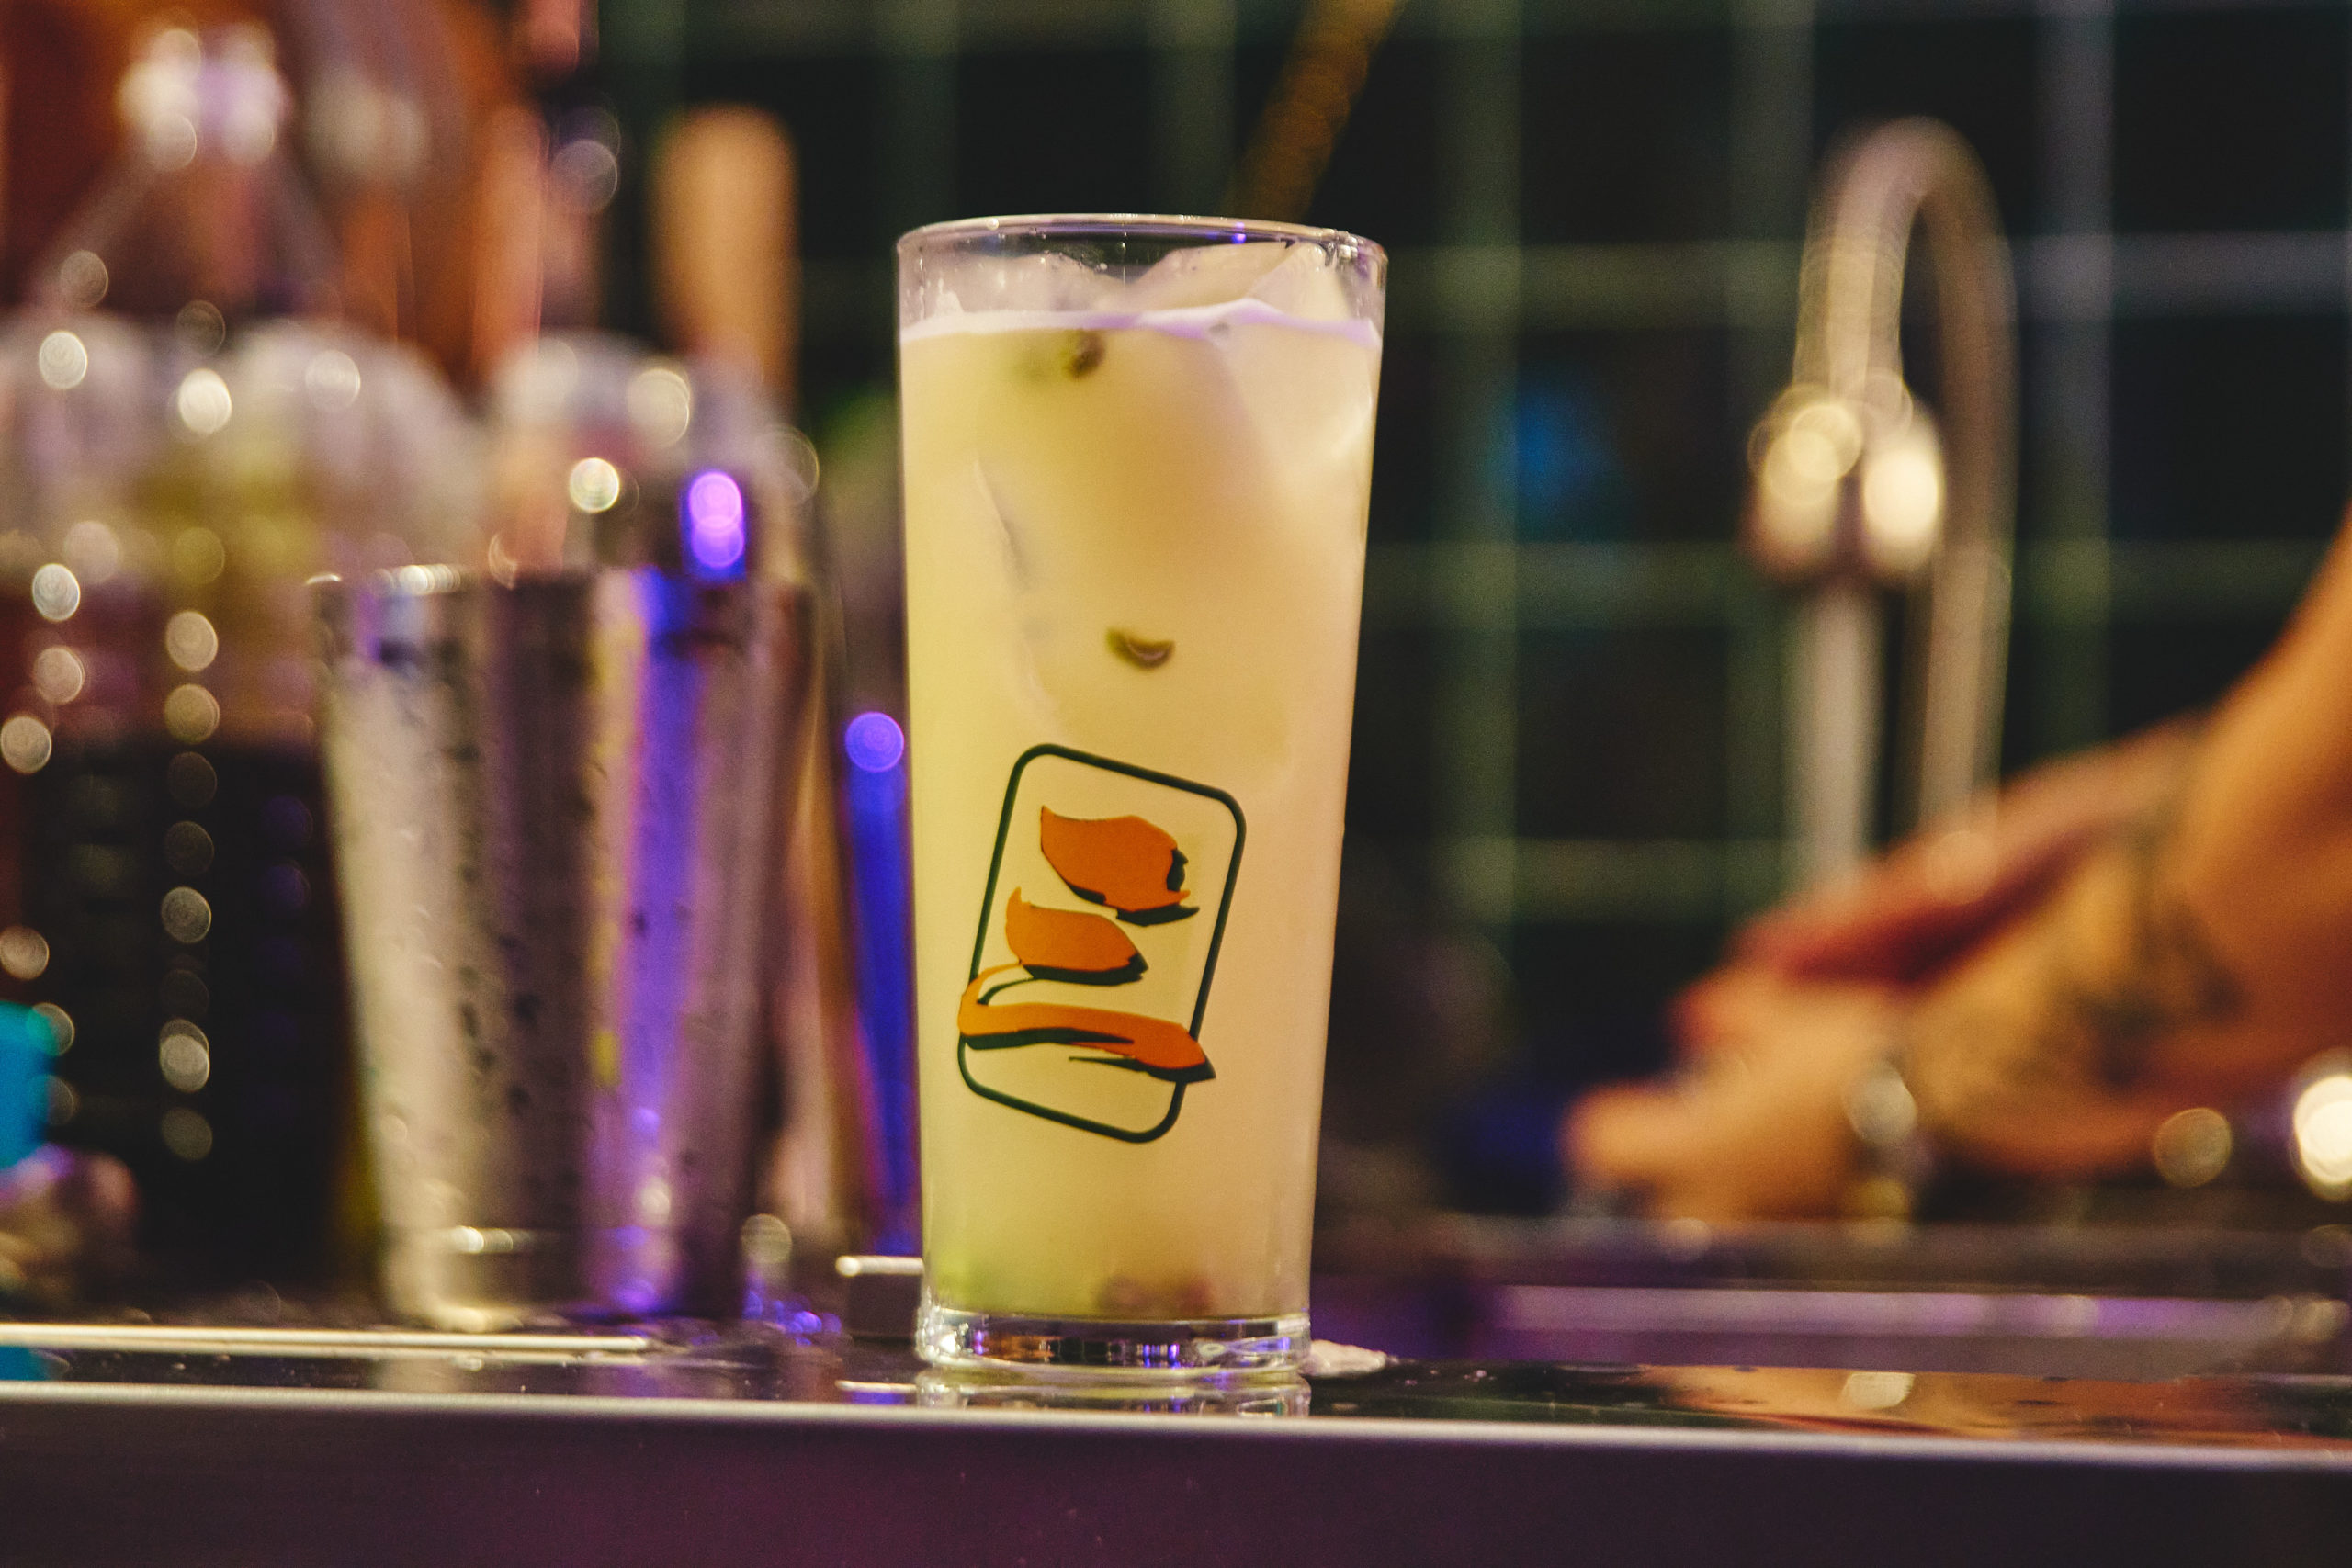 san-you-baijiu-bar-guangzhou-4